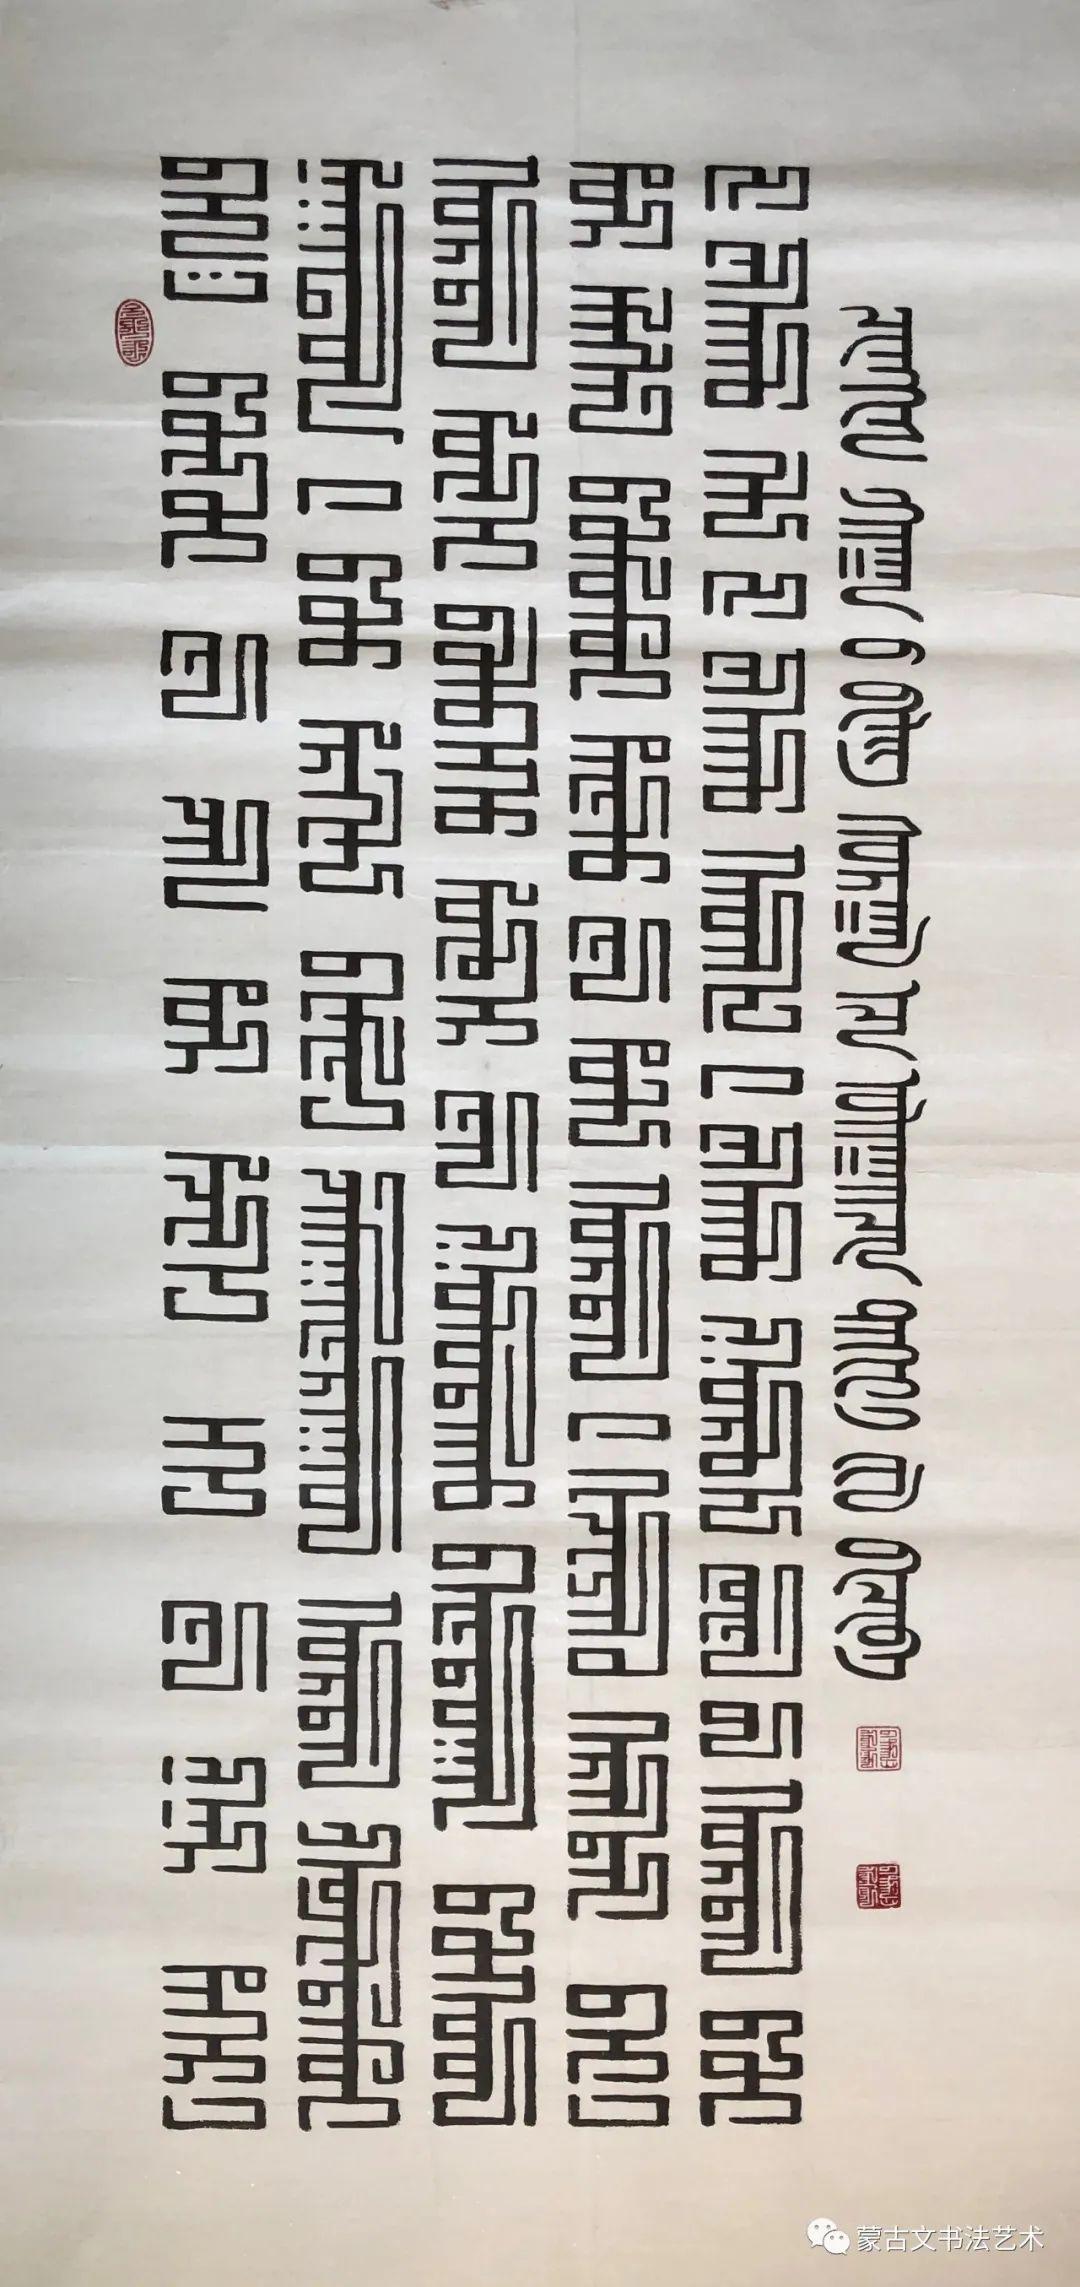 好斯那拉篆书作品 第7张 好斯那拉篆书作品 蒙古书法